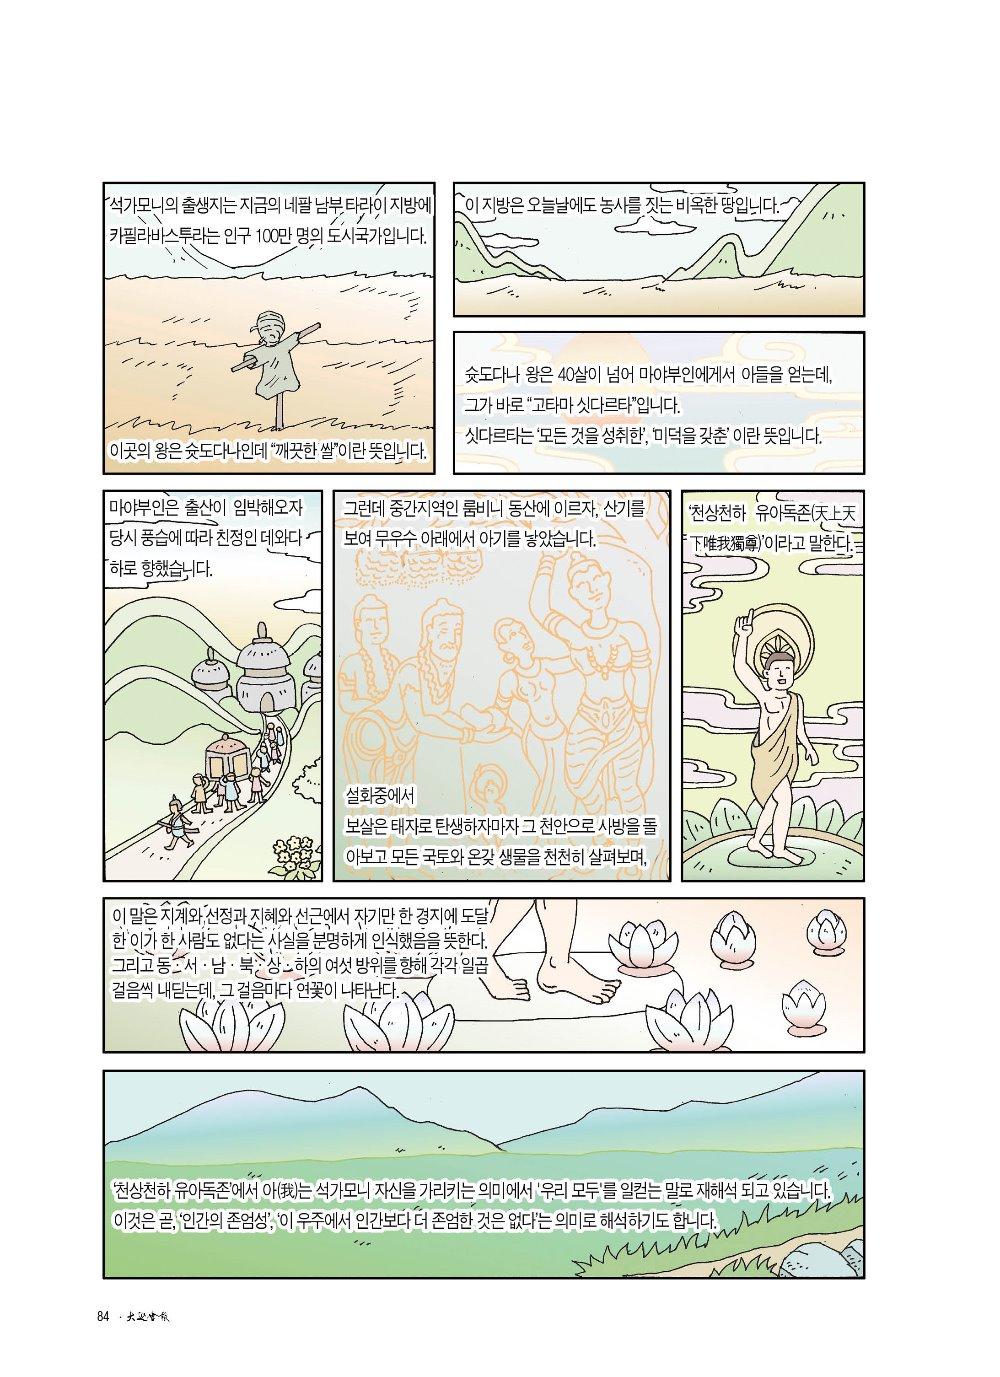 Daesoon_201_만화3.jpg